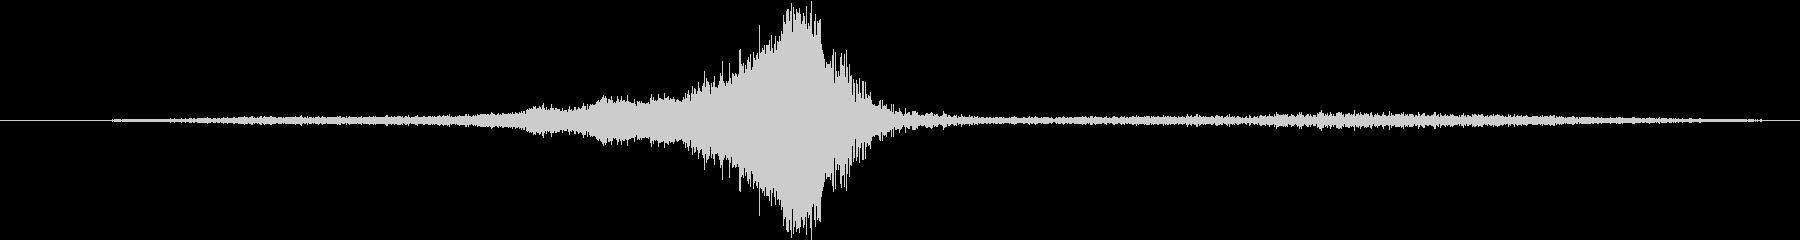 空母:ファンテールプラウラージェッ...の未再生の波形